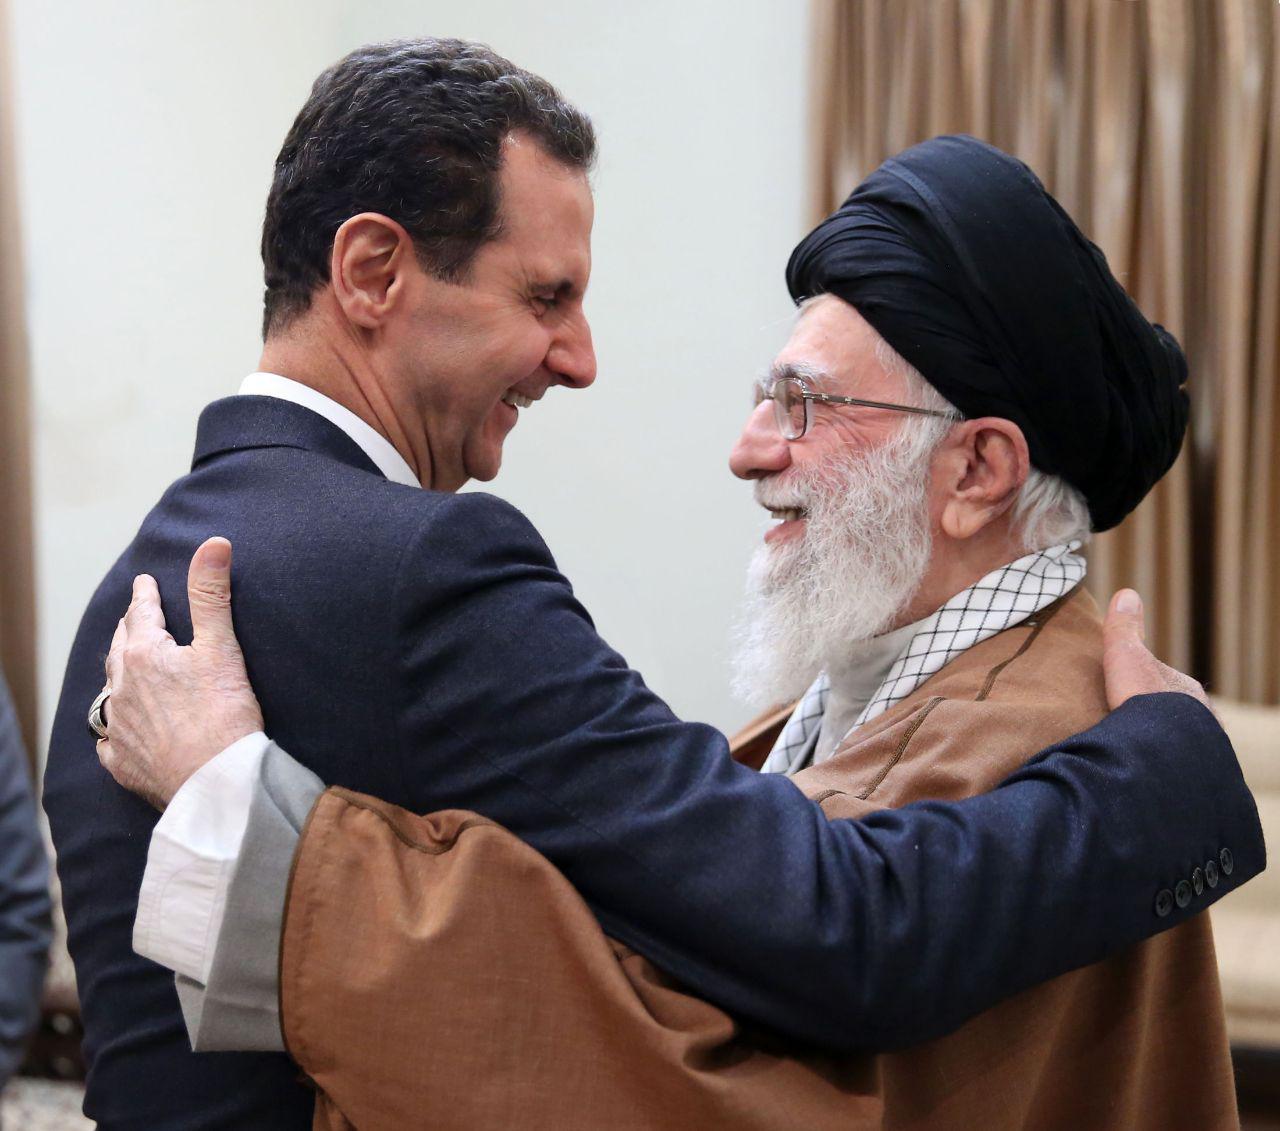 تصویری جذاب از دیدار بشار اسد و رهبر انقلاب +عکس